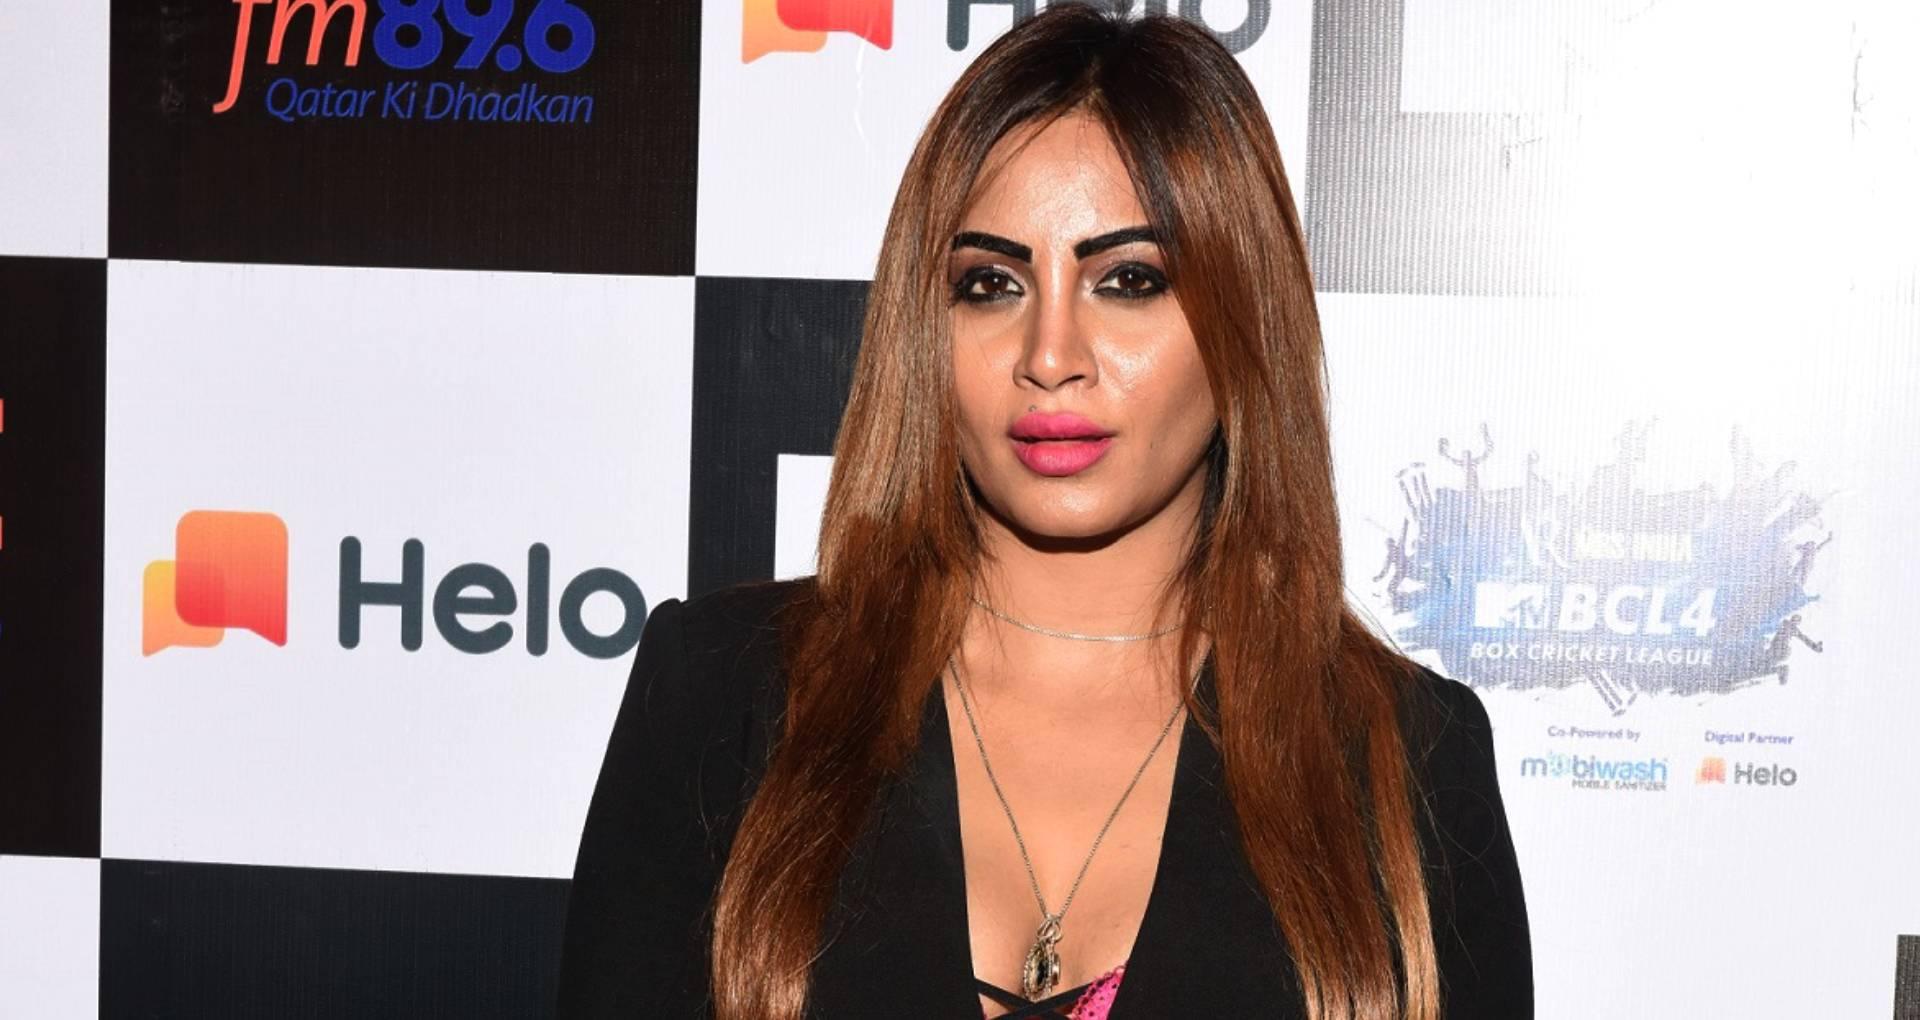 एक्सक्लूसिवः बिग बॉस 11 फेम अर्शी खान छोटे पर्दे के बाद बॉलीवुड में रखेंगी कदम, इस फिल्म से करेंगी डेब्यू